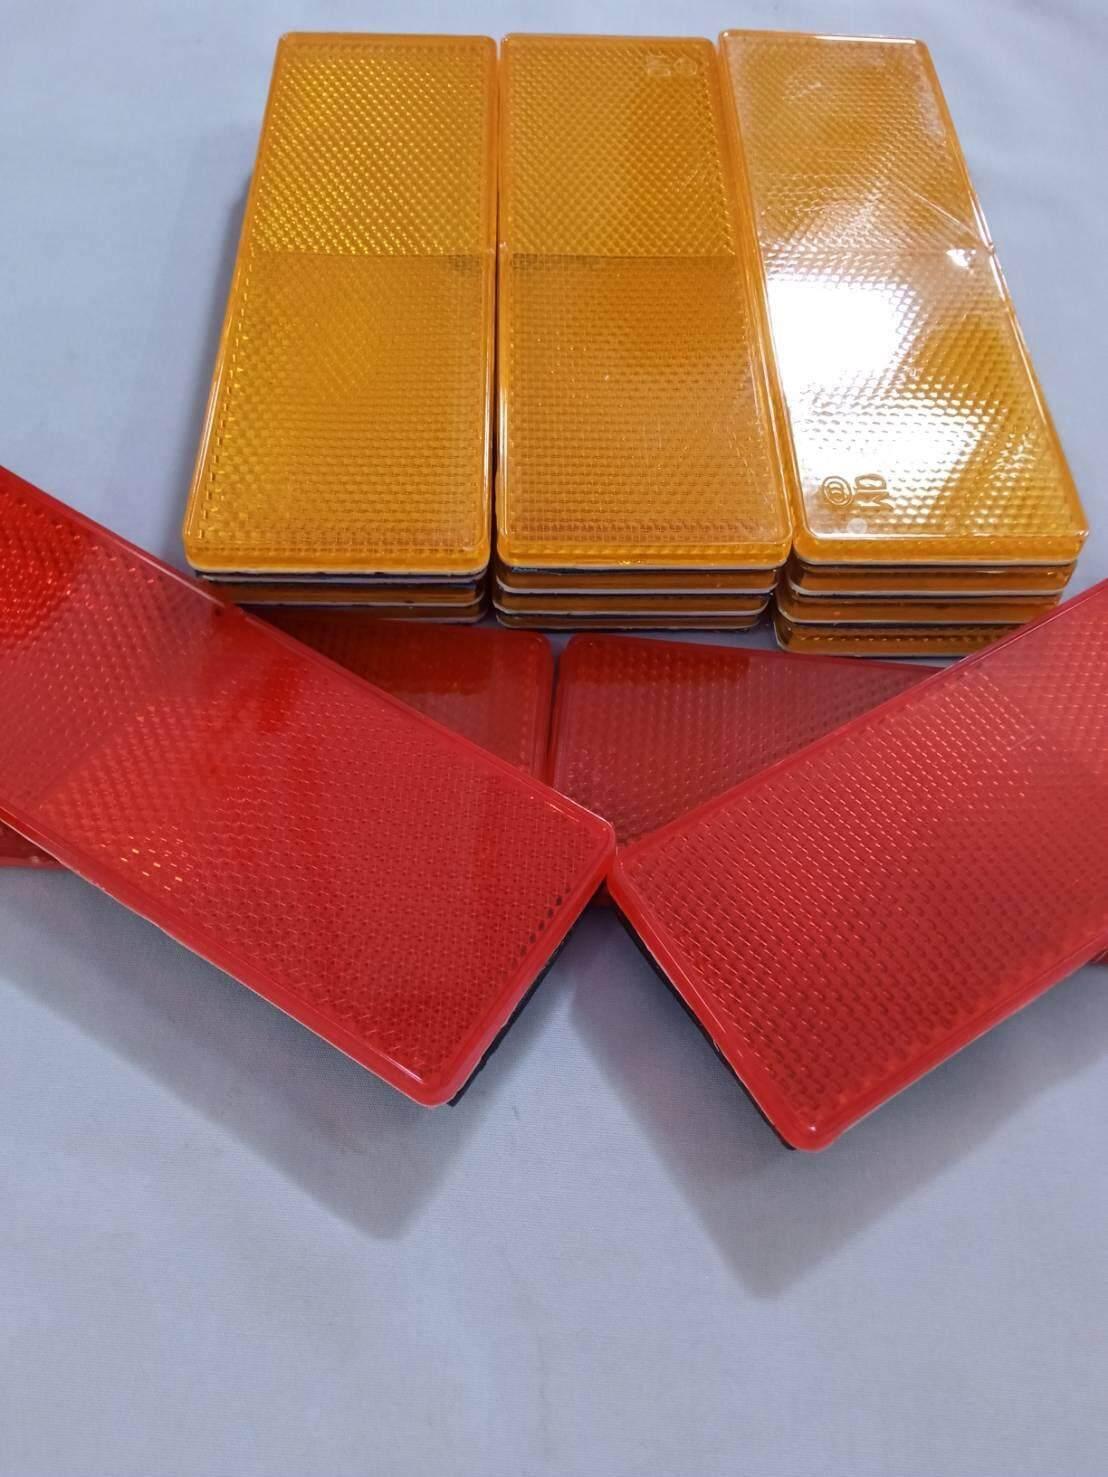 ทับทิมสะท้อนแสงสีเหลือง-สีแดง สำหรับดิดรถบรรทุก 10 ล้อ 16 ชิ้น.